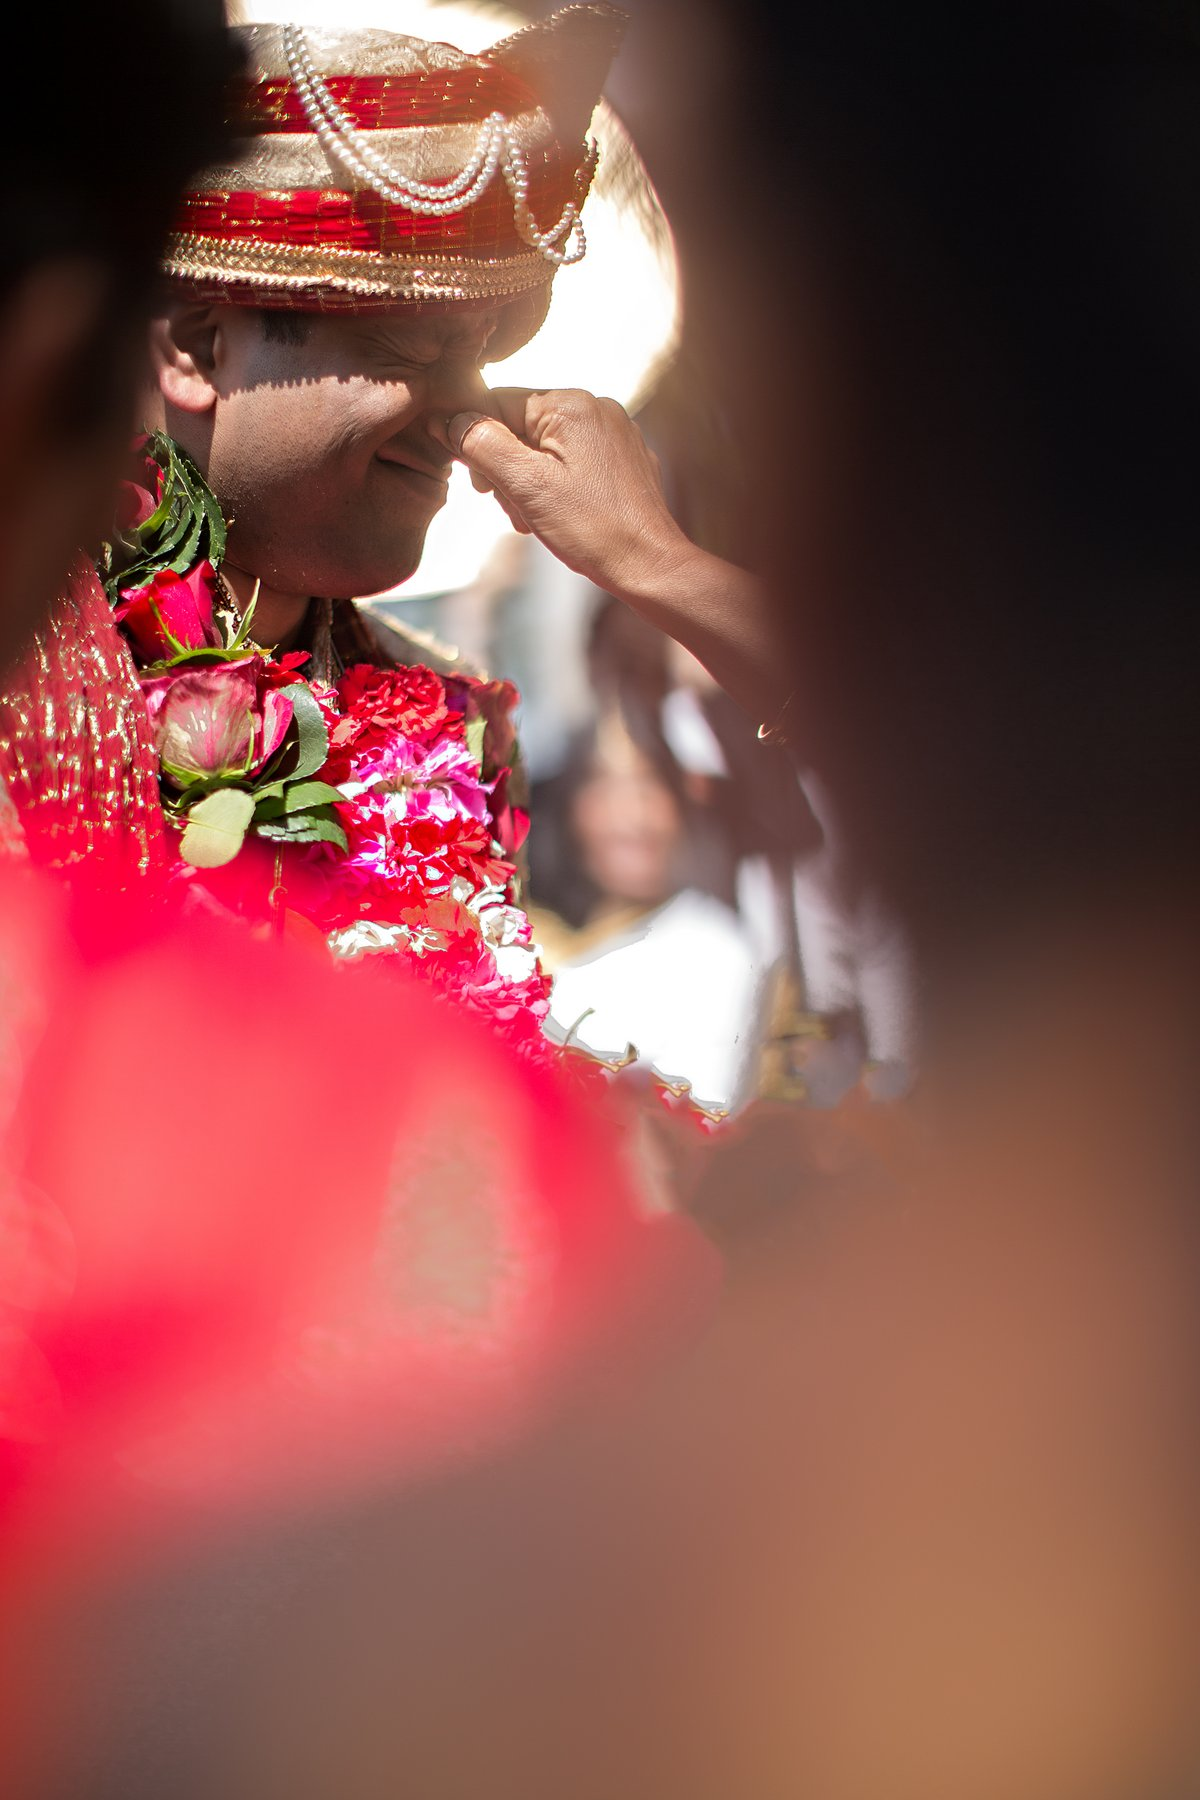 S1-1-1379 Sheetal + Guru   Hindu Indian Wedding Photos   South Florida